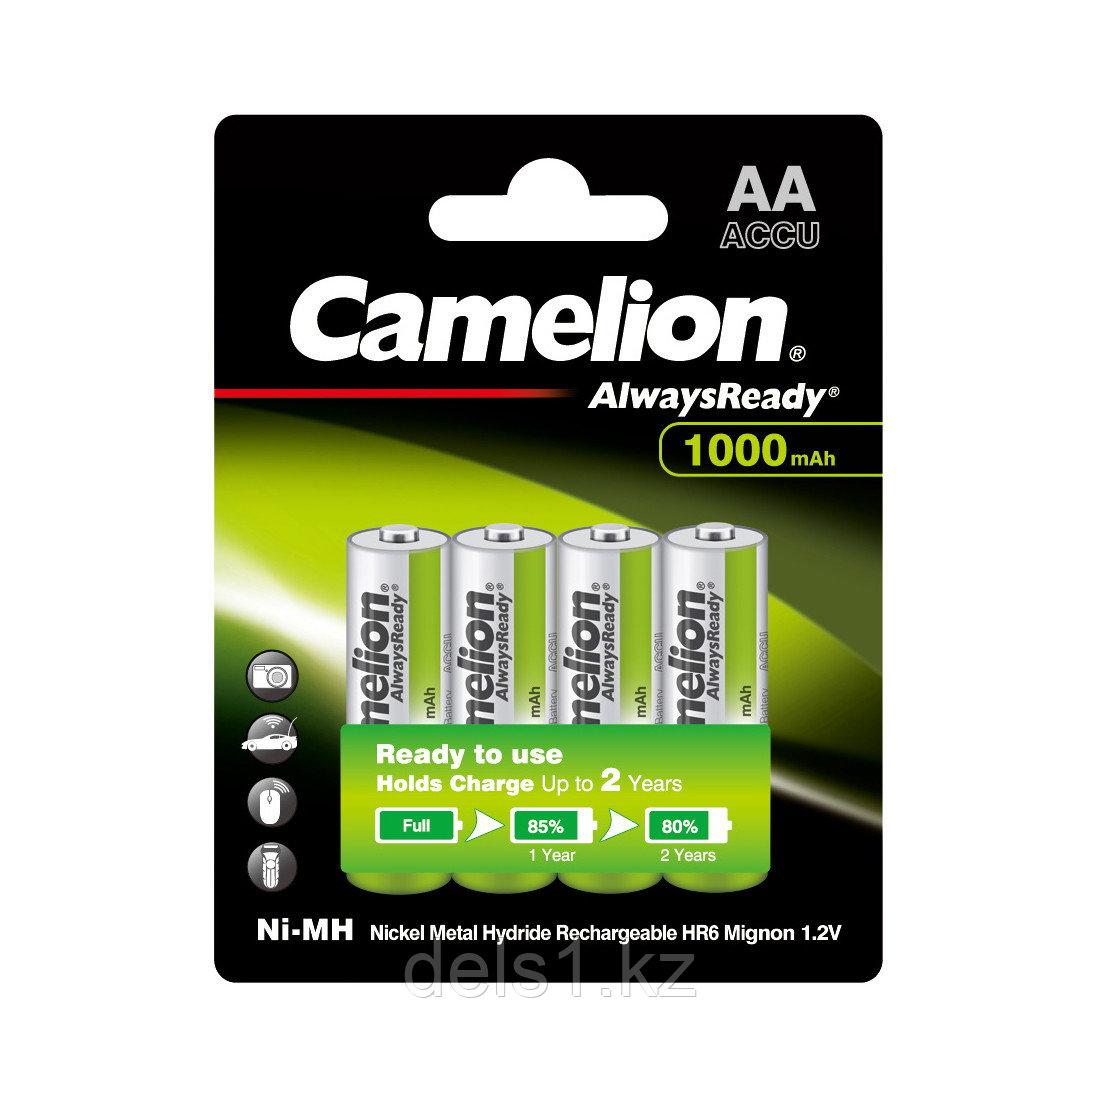 Аккумулятор, CAMELION, NH-AA1000ARBP4, AlwaysReady Rechargeable, AA, 1.2V, 1000 mAh, 4 шт., Блистер